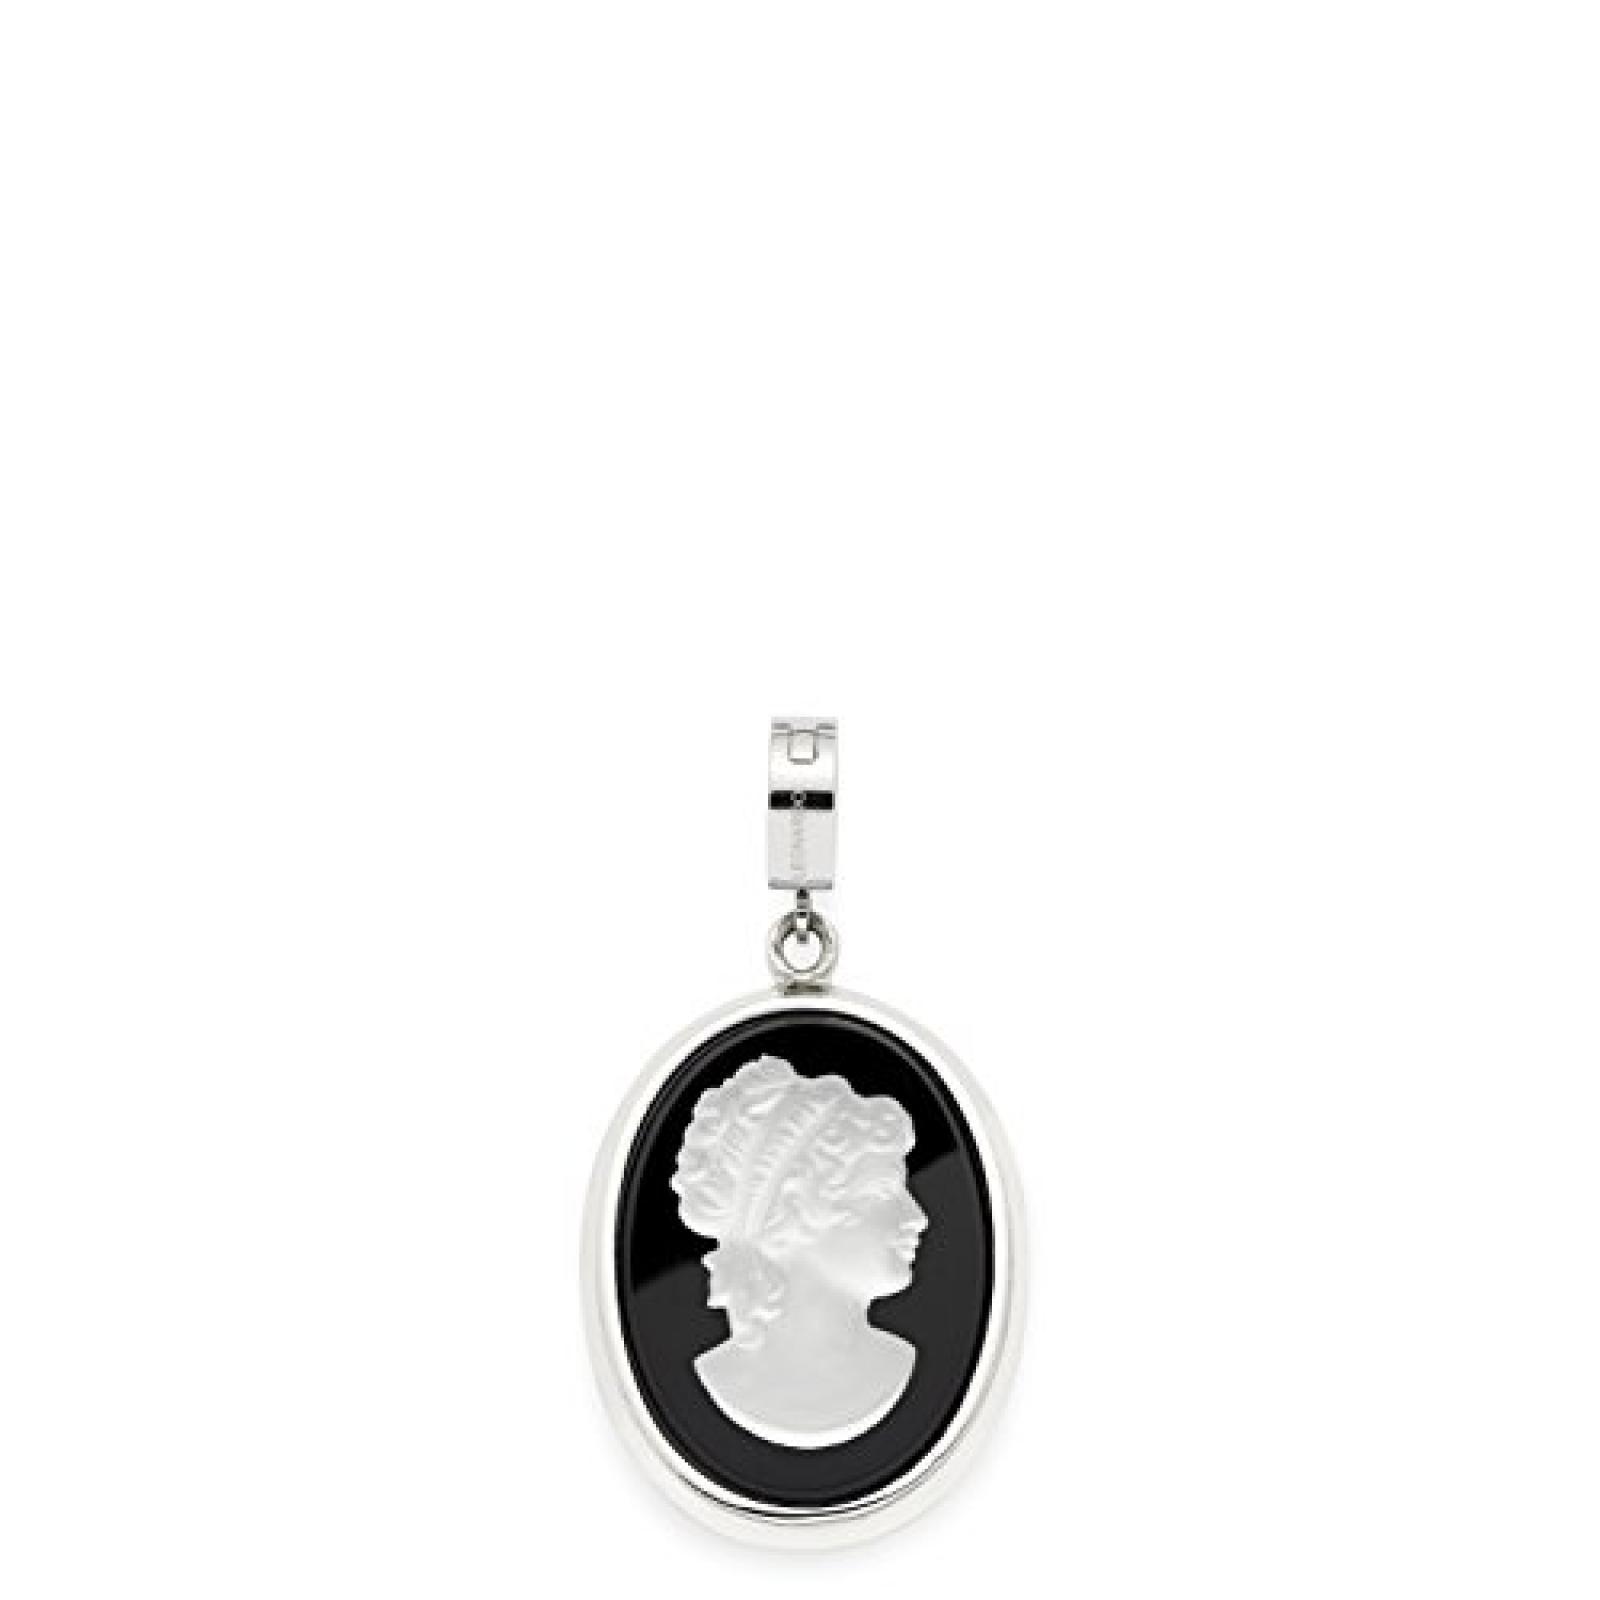 Leonardo Jewels Damen-Anhänger Edelstahl Glas Darlins 5.2 cm 015382